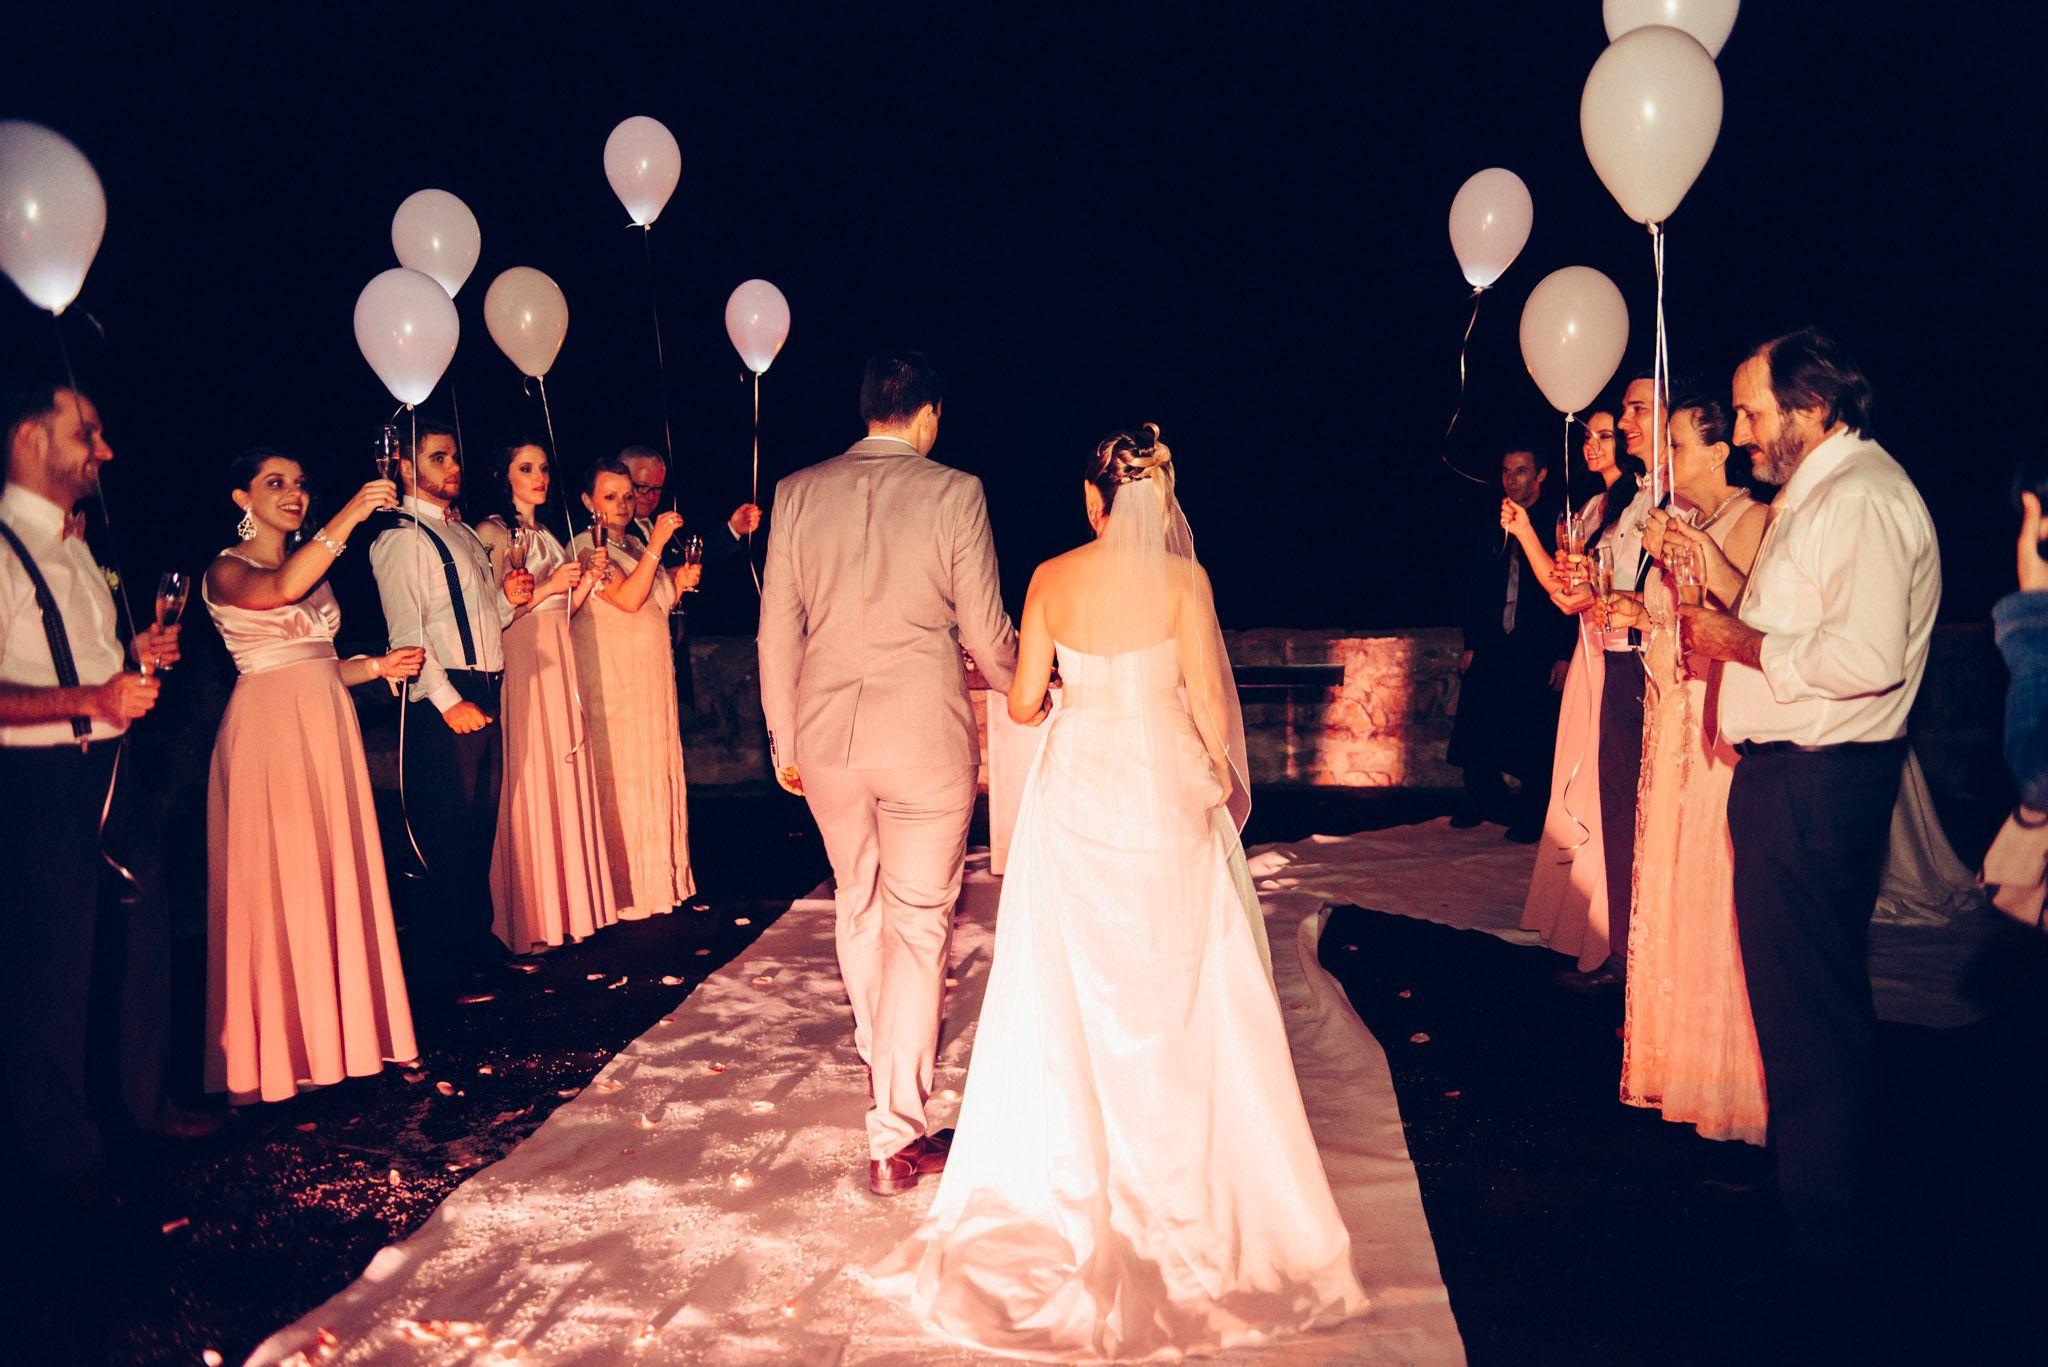 Nosso pedido vai ao céu!  Inesquecível Destination Wedding - Brasil. Forte S.João - V.Conde - Portugal event manager: Ismael Mateus. photo: Hugo Esteves photography